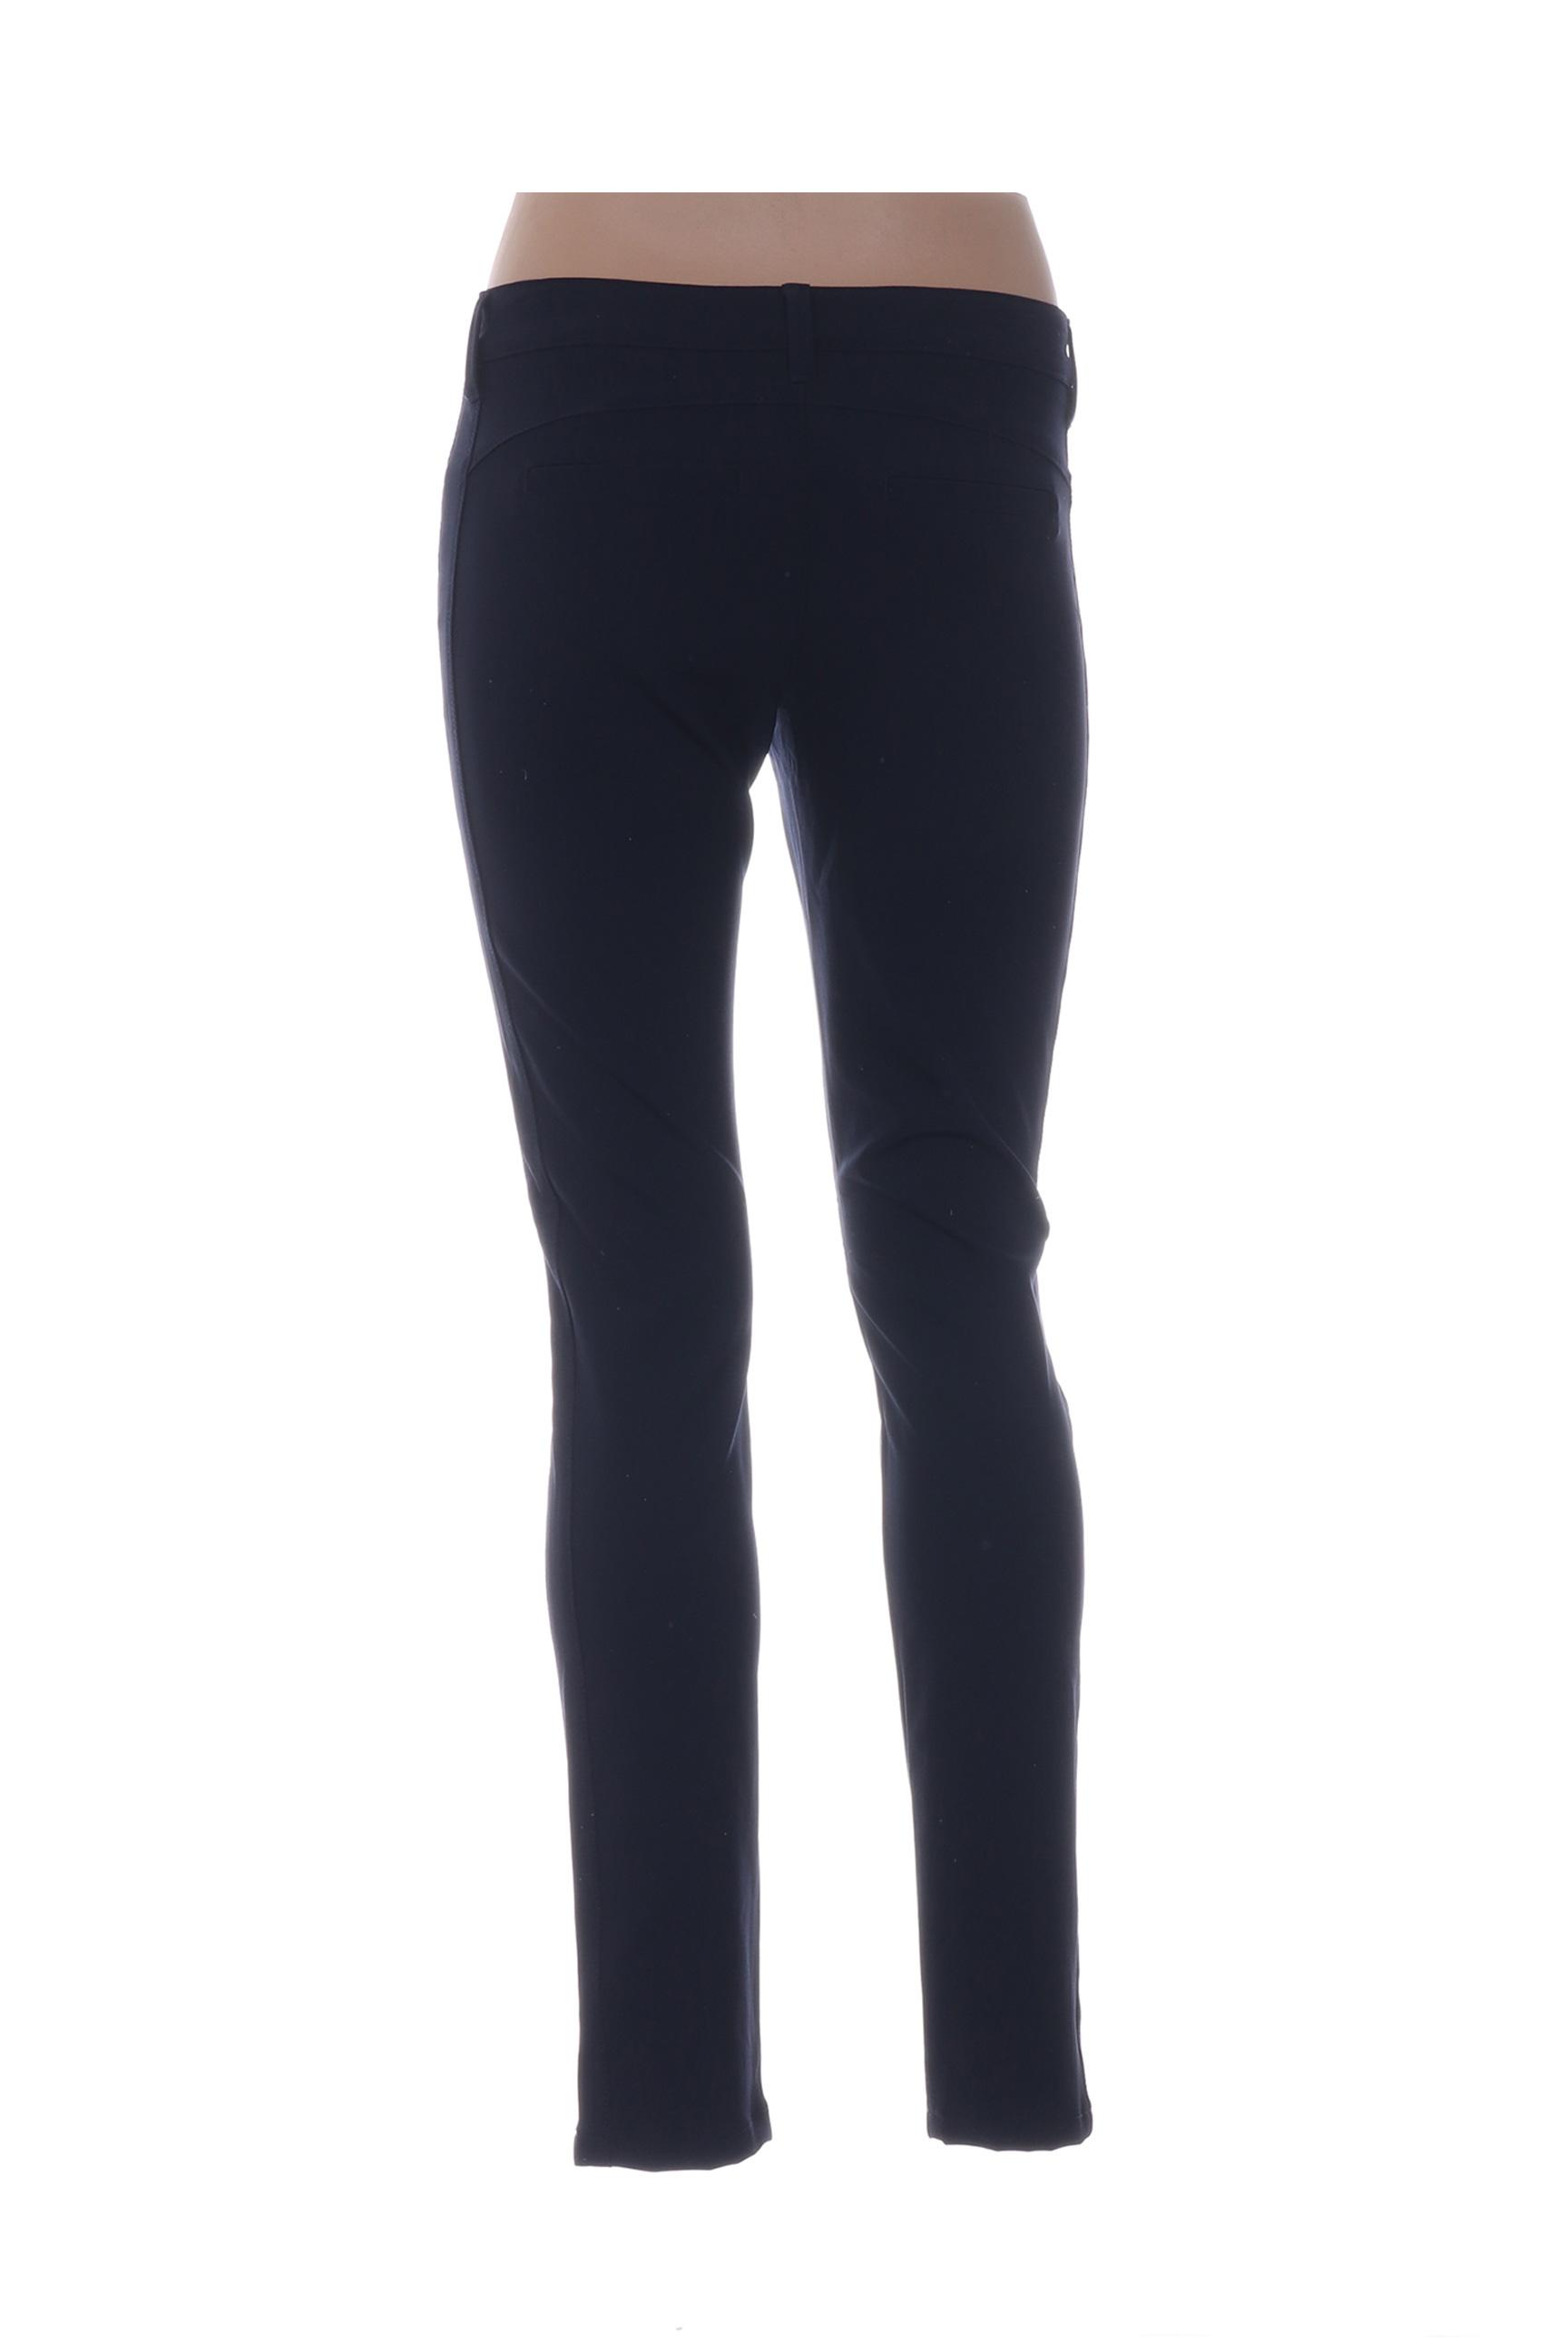 Street One Pantalons Decontractes Femme De Couleur Bleu En Soldes Pas Cher 1291318-bleu00